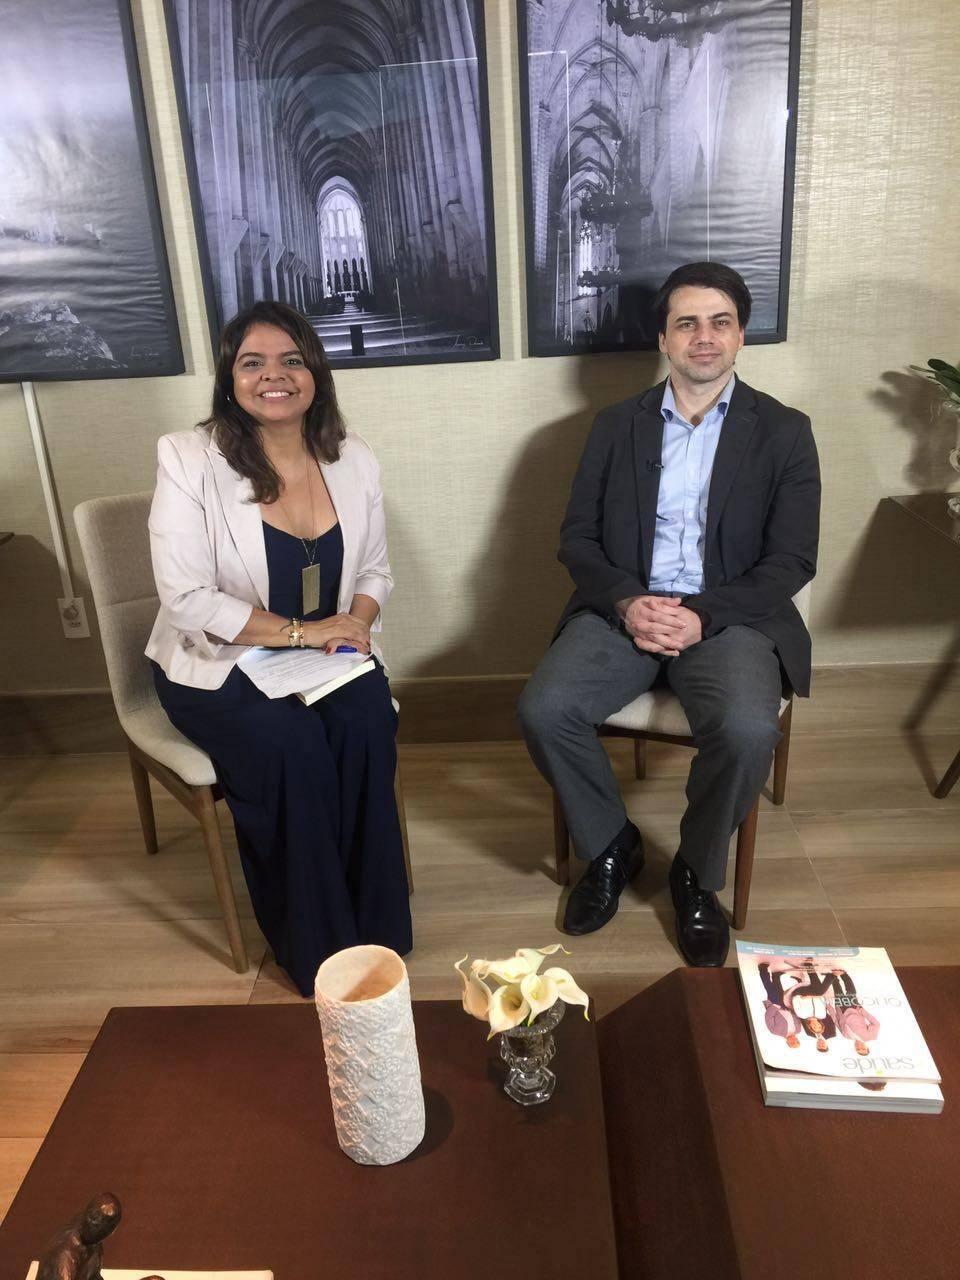 Na entrevista nacional do  Falando Nisso de hoje [27.04] o médico urologista Rafael Coelho fala sobre o avanço da robótica